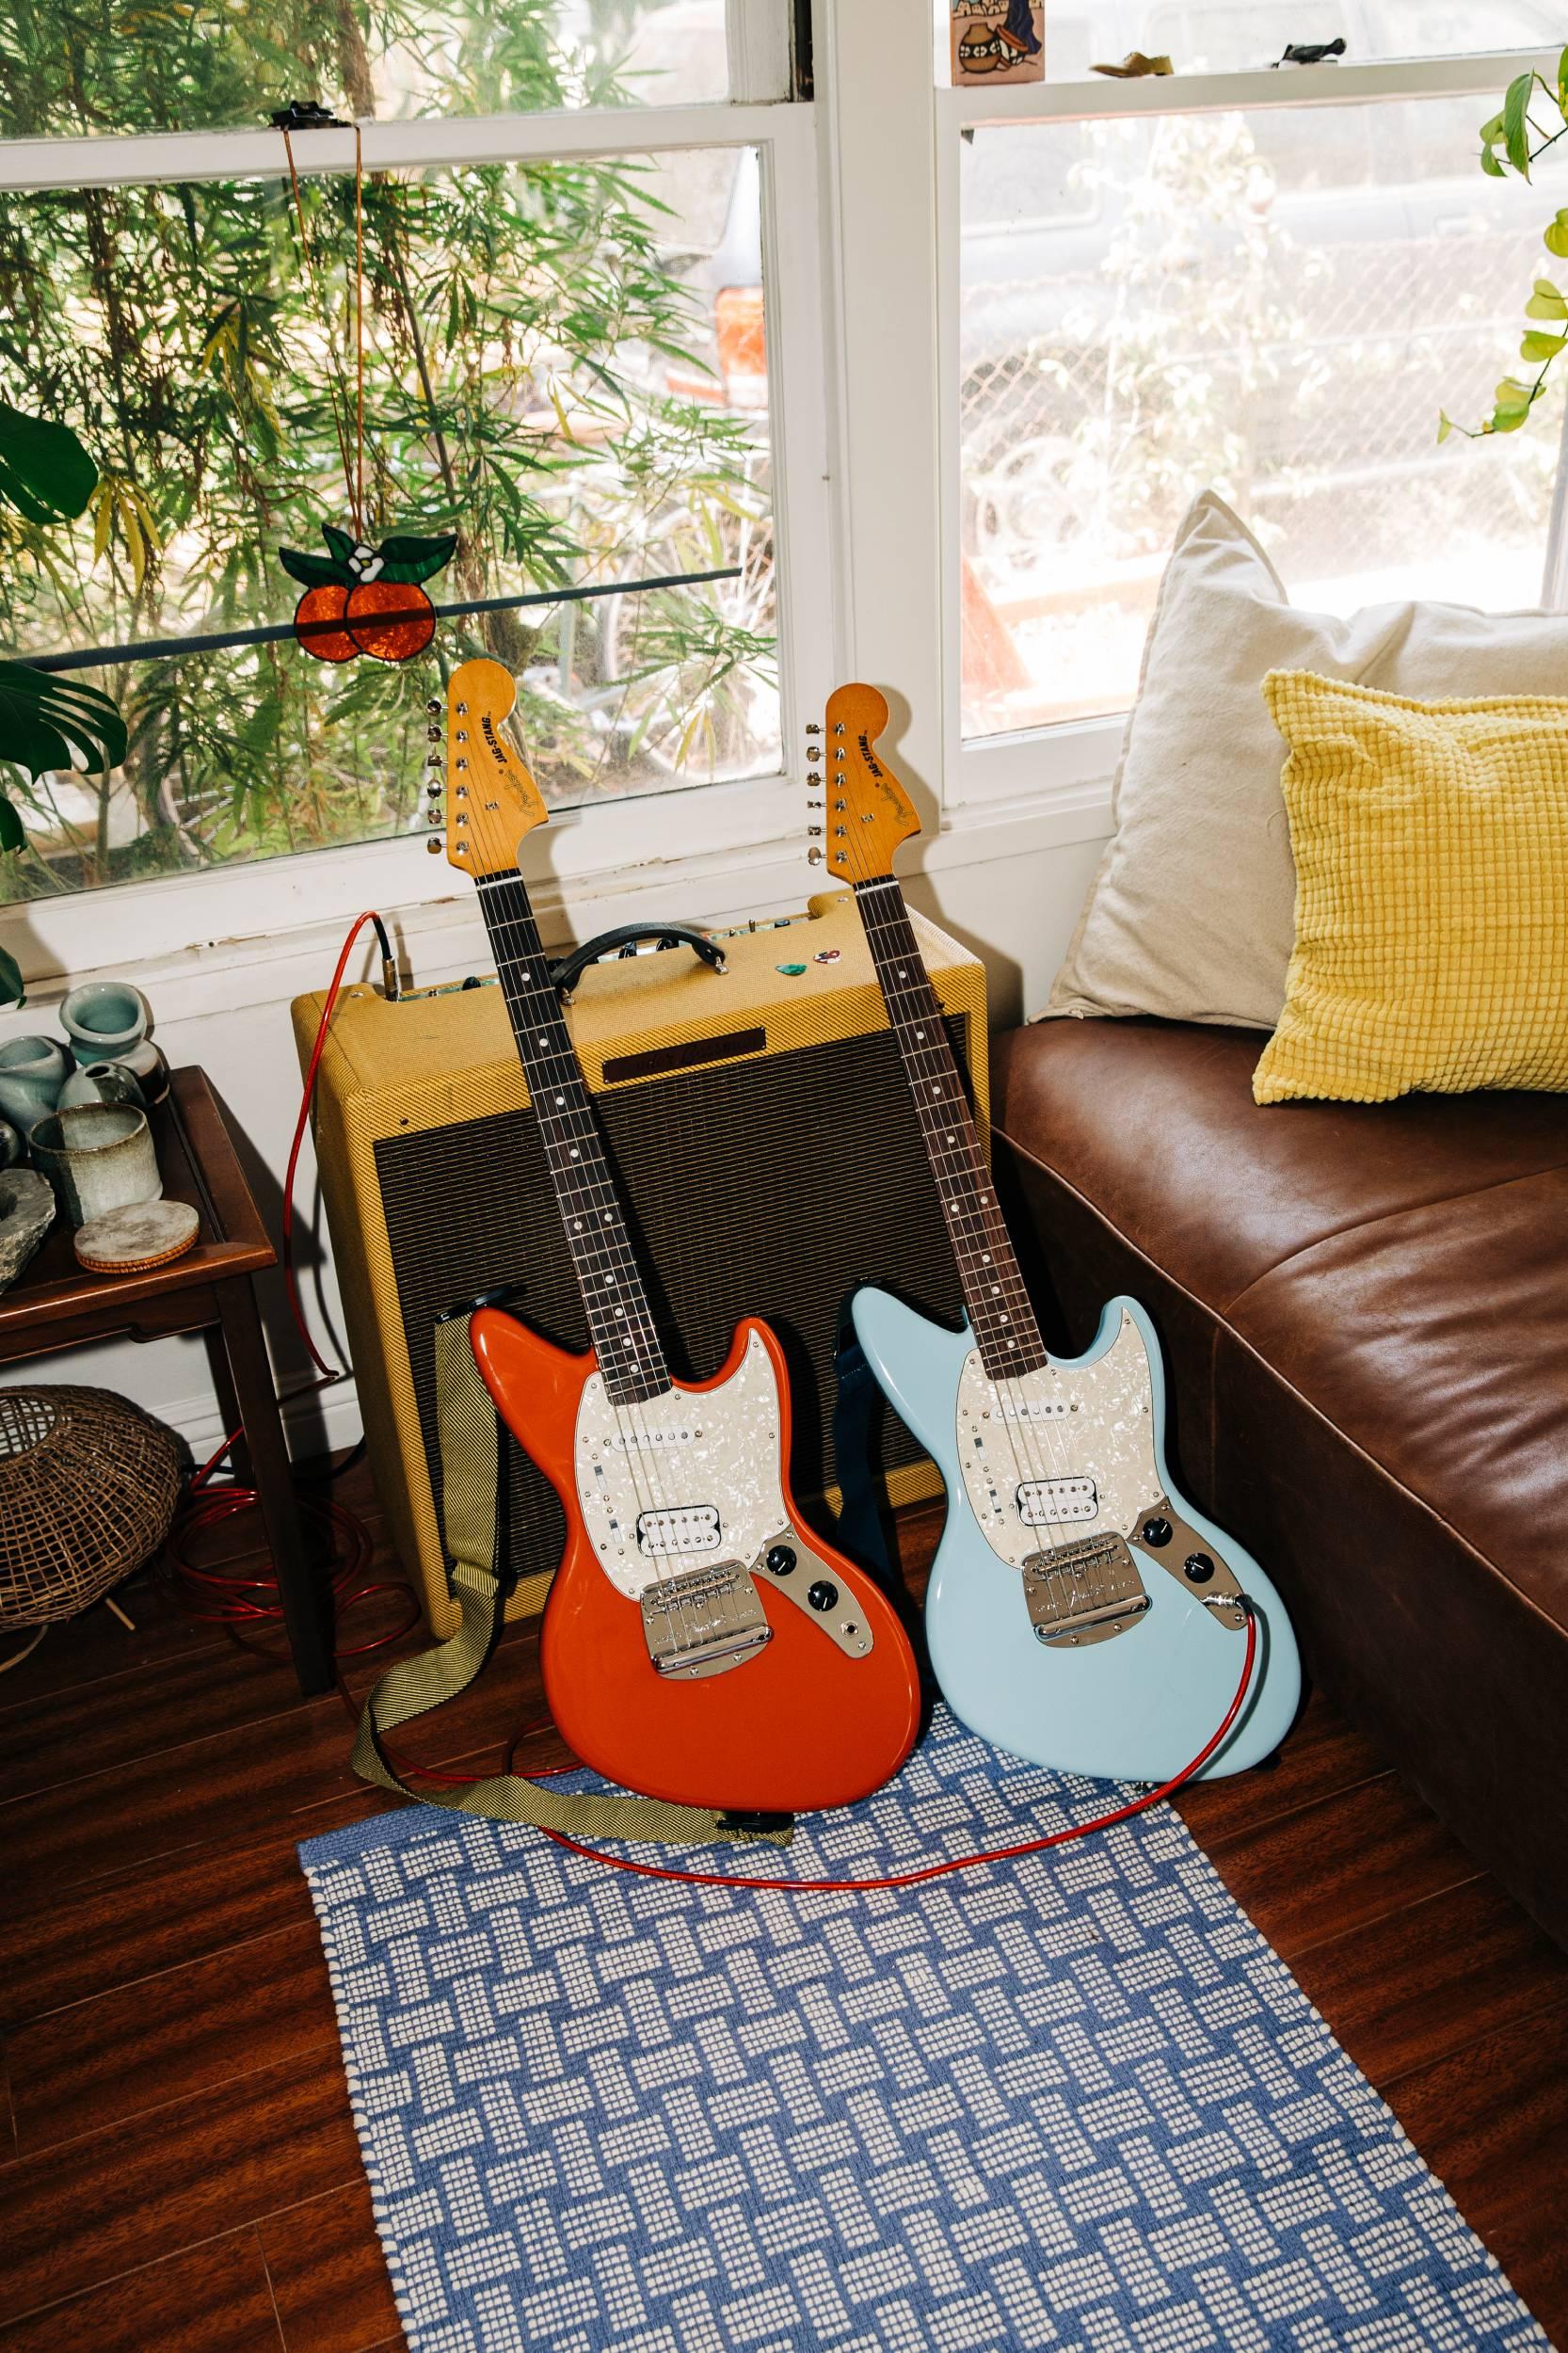 The Kurt Cobain Jag-Stang guitars